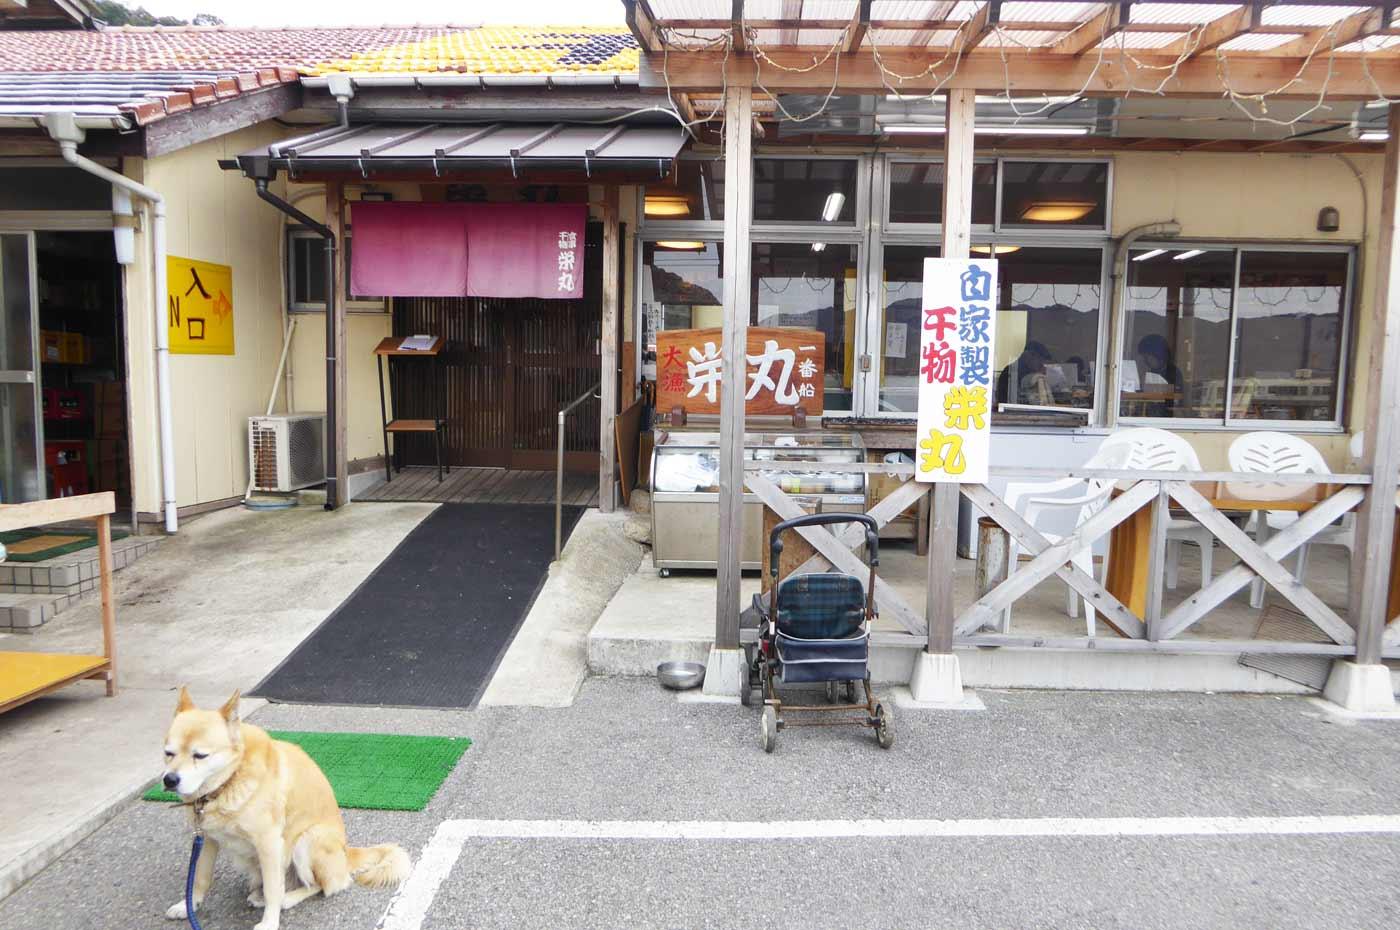 栄丸の店舗とワンちゃん